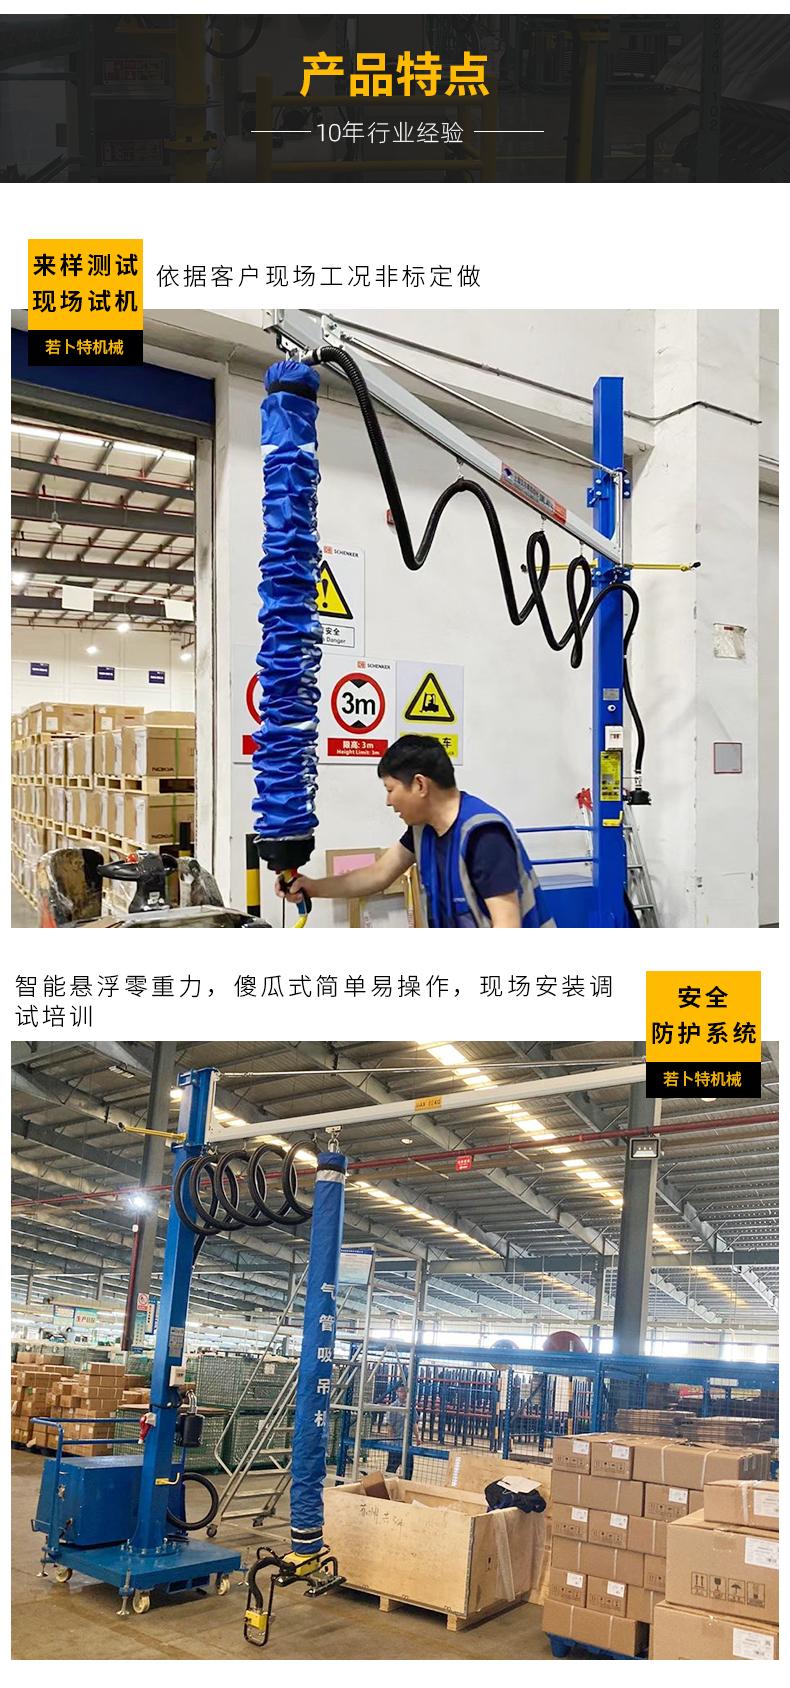 气管吸吊机2_05.jpg